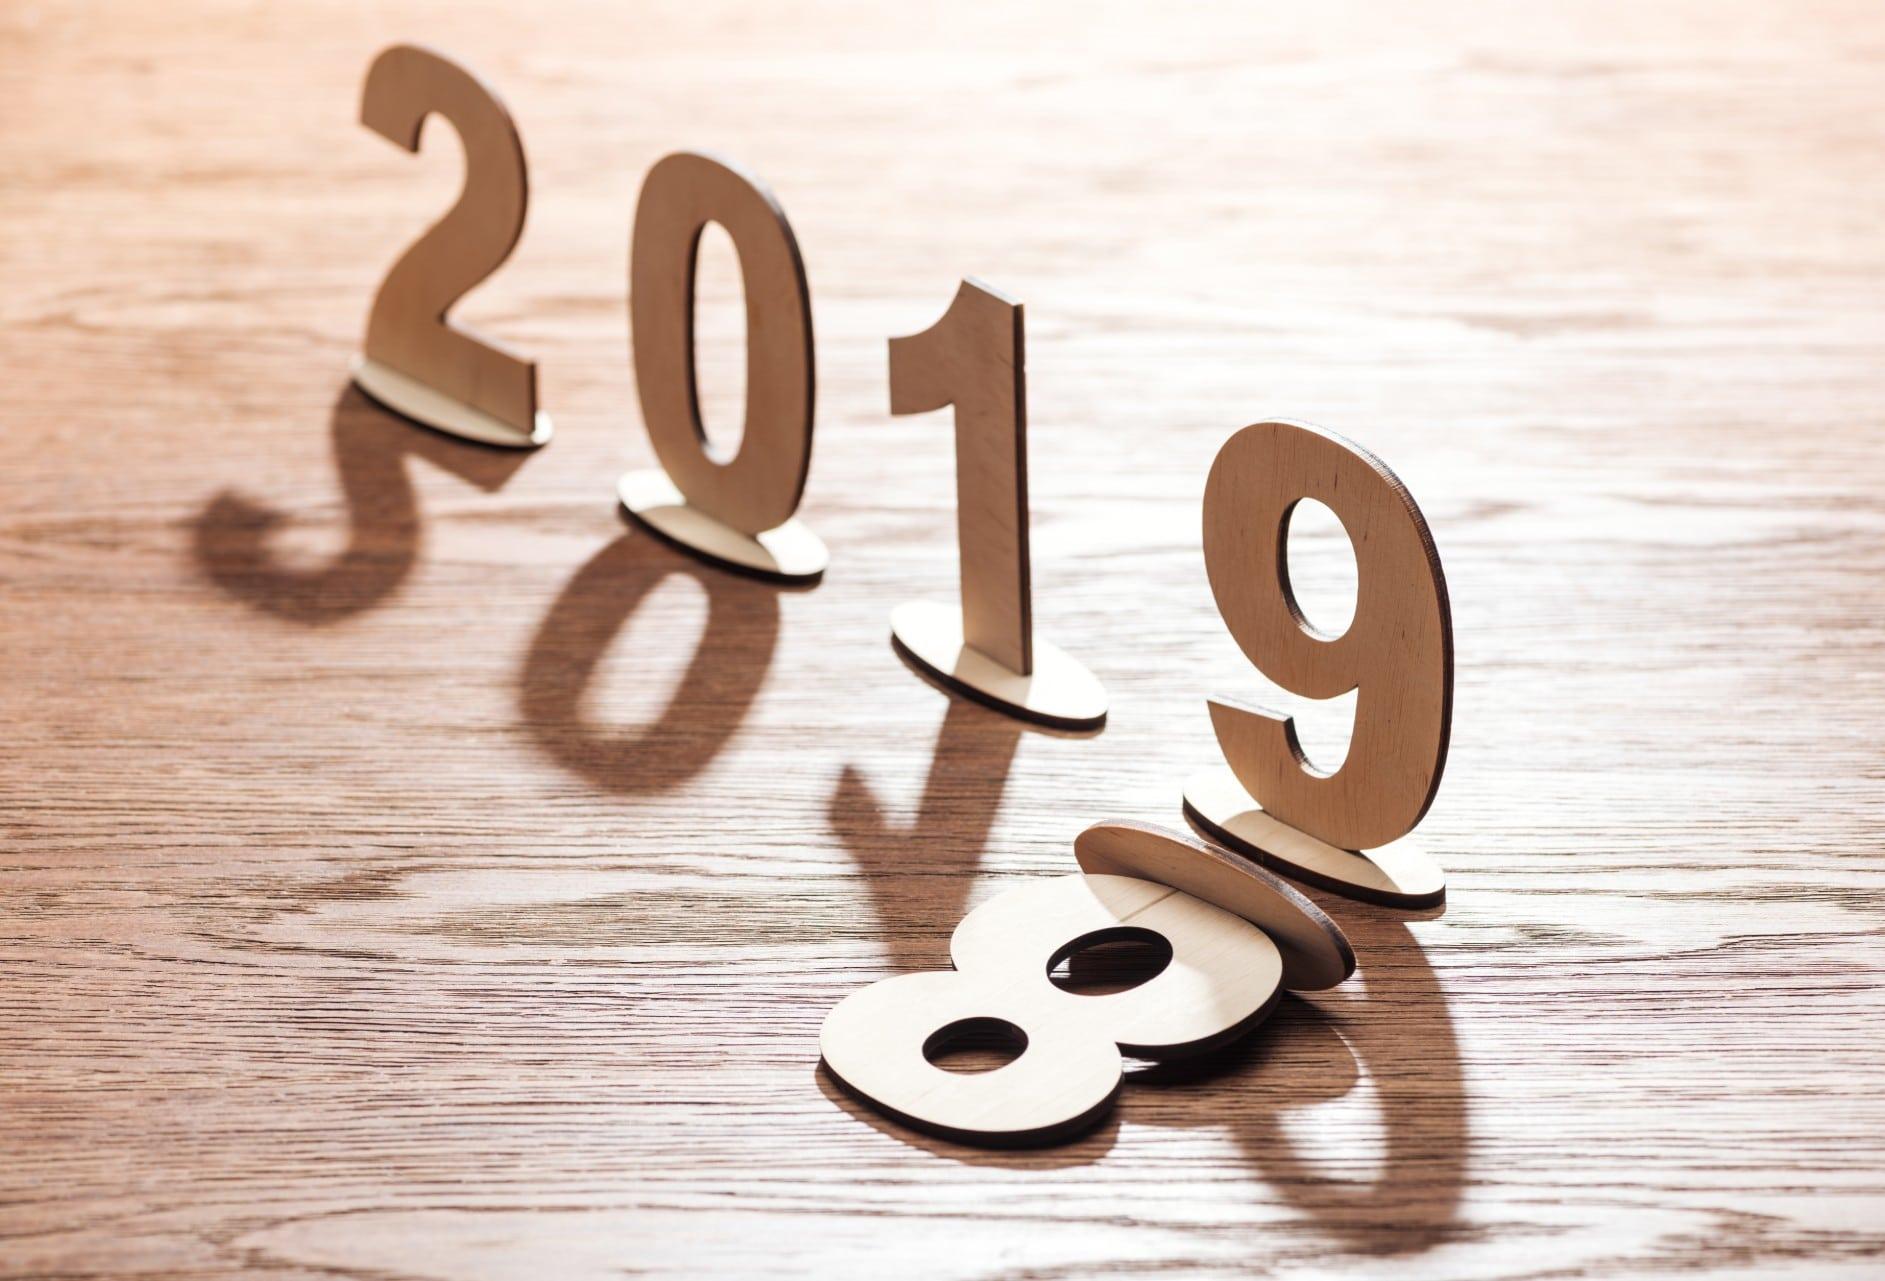 2019 מדהימה [מתנה מצורפת- לוח תכנון והגדרת מטרות]